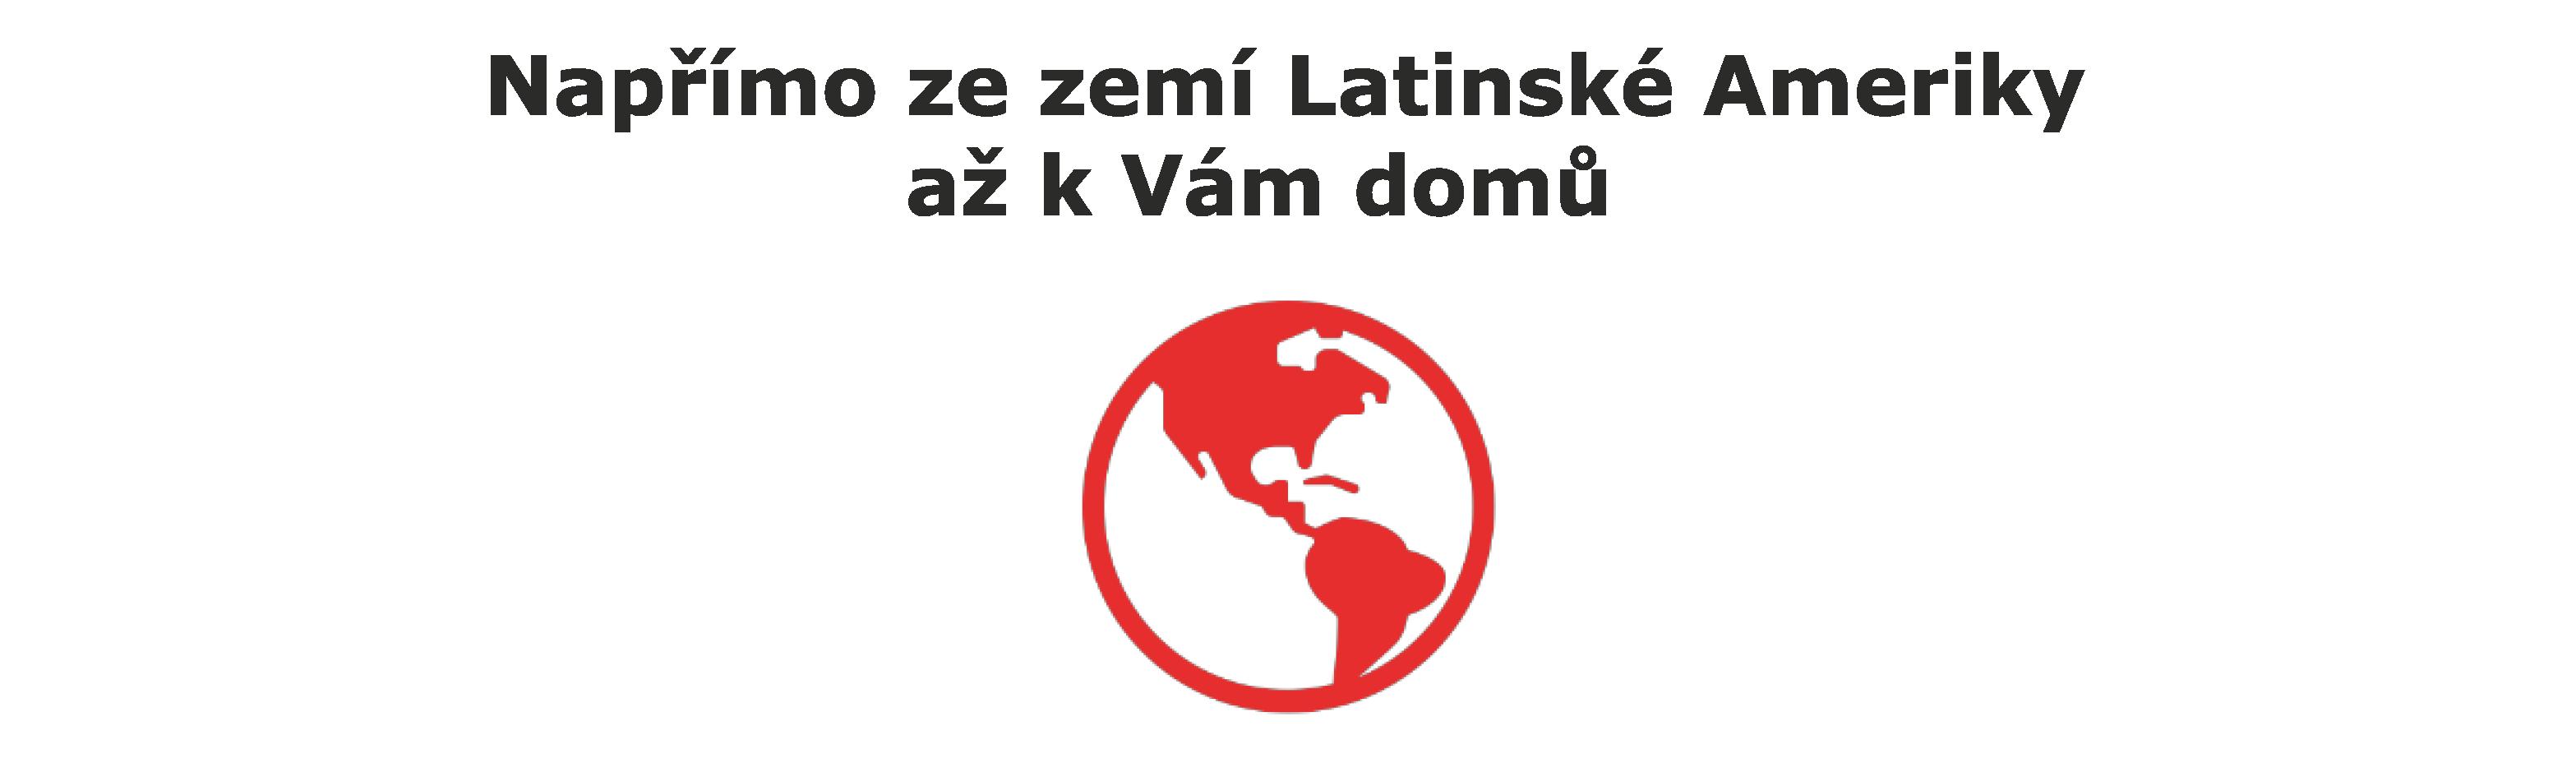 Napřímo ze zemí Latinské Ameriky až k Vám domů